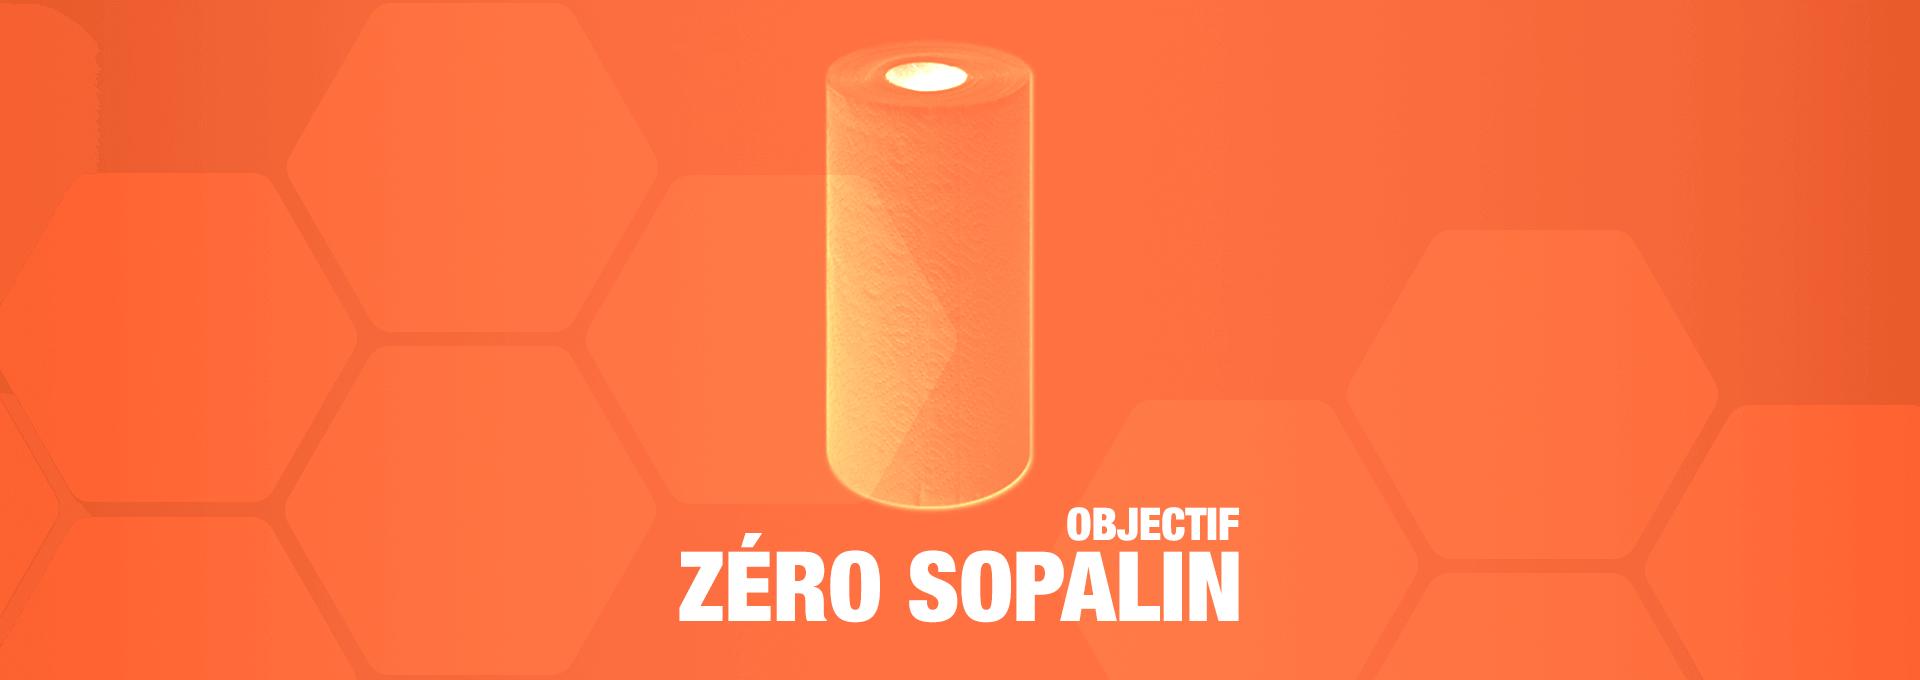 consommer autrement zéro sopalin